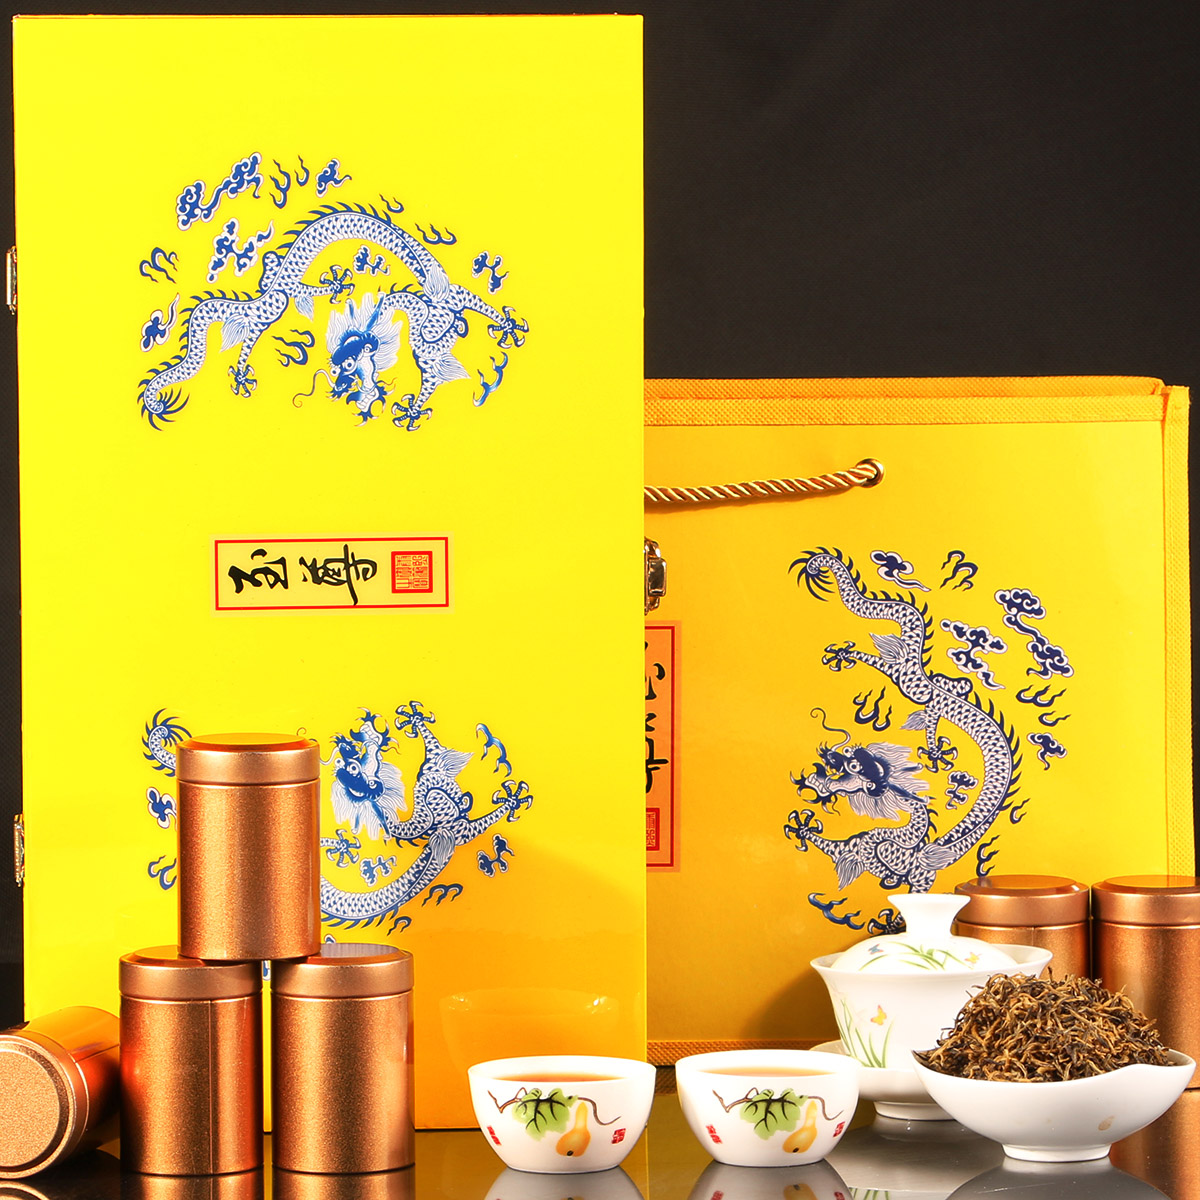 2019新茶上市武夷山金骏眉红茶罐装茶叶春茶礼盒装桐木关蜜香型